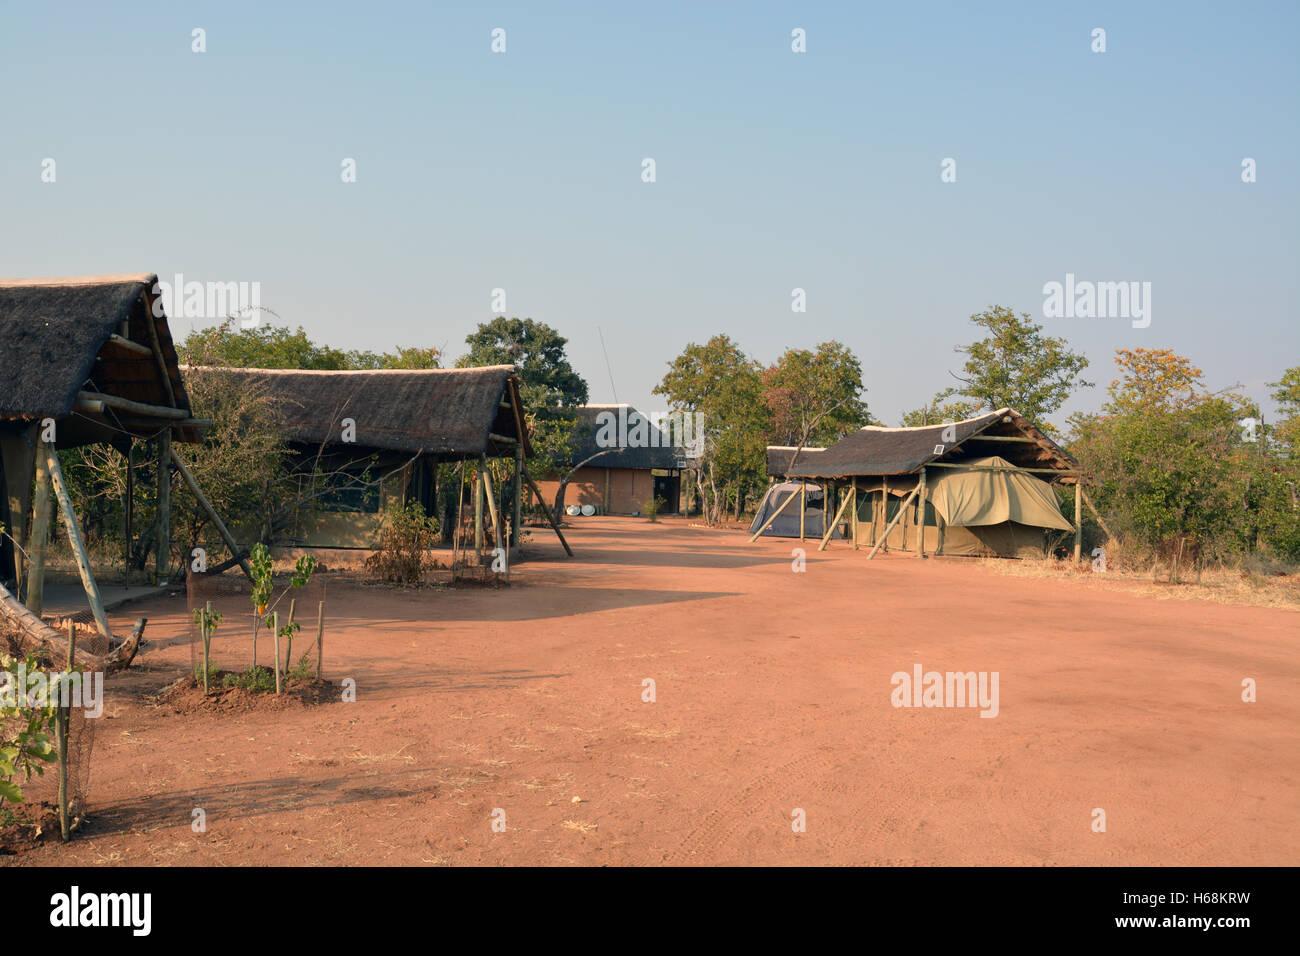 Un voluntario safari camp ubicado en el Tuli región salvaje de Botswana, África. Imagen De Stock